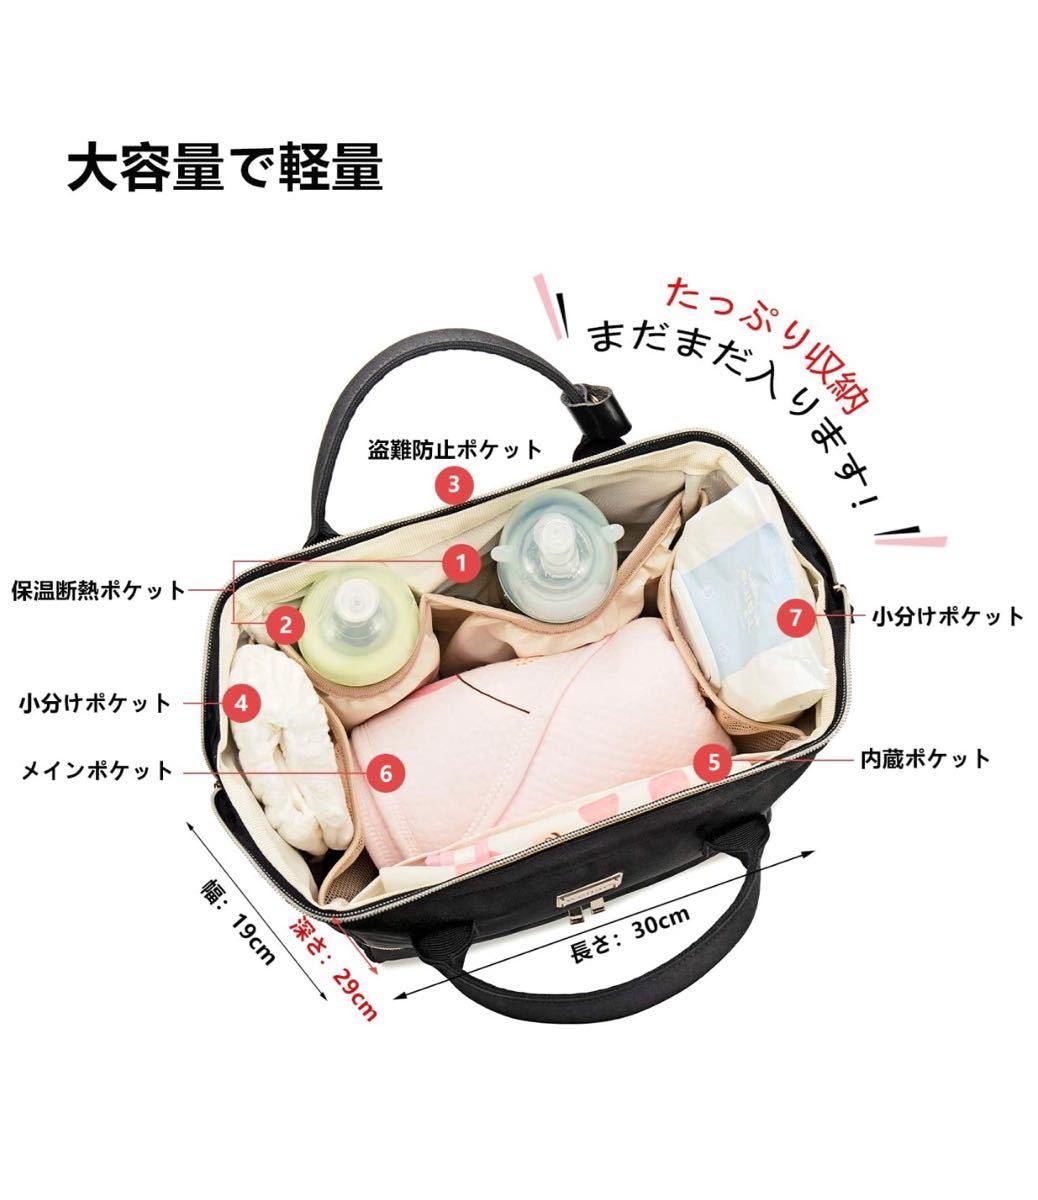 マザーズバッグ ランチバッグ【USB充電ポート&保温ポケット付き】大容量